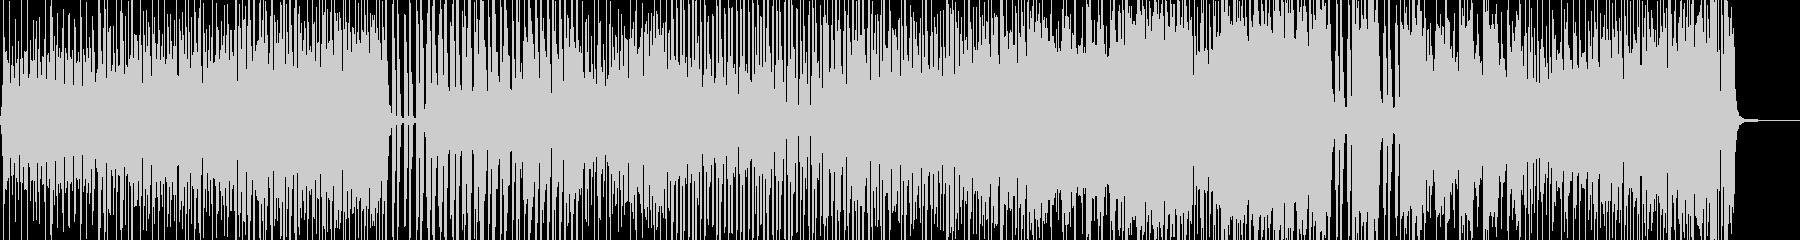 七変化アニメーションダンス調ポップ A2の未再生の波形